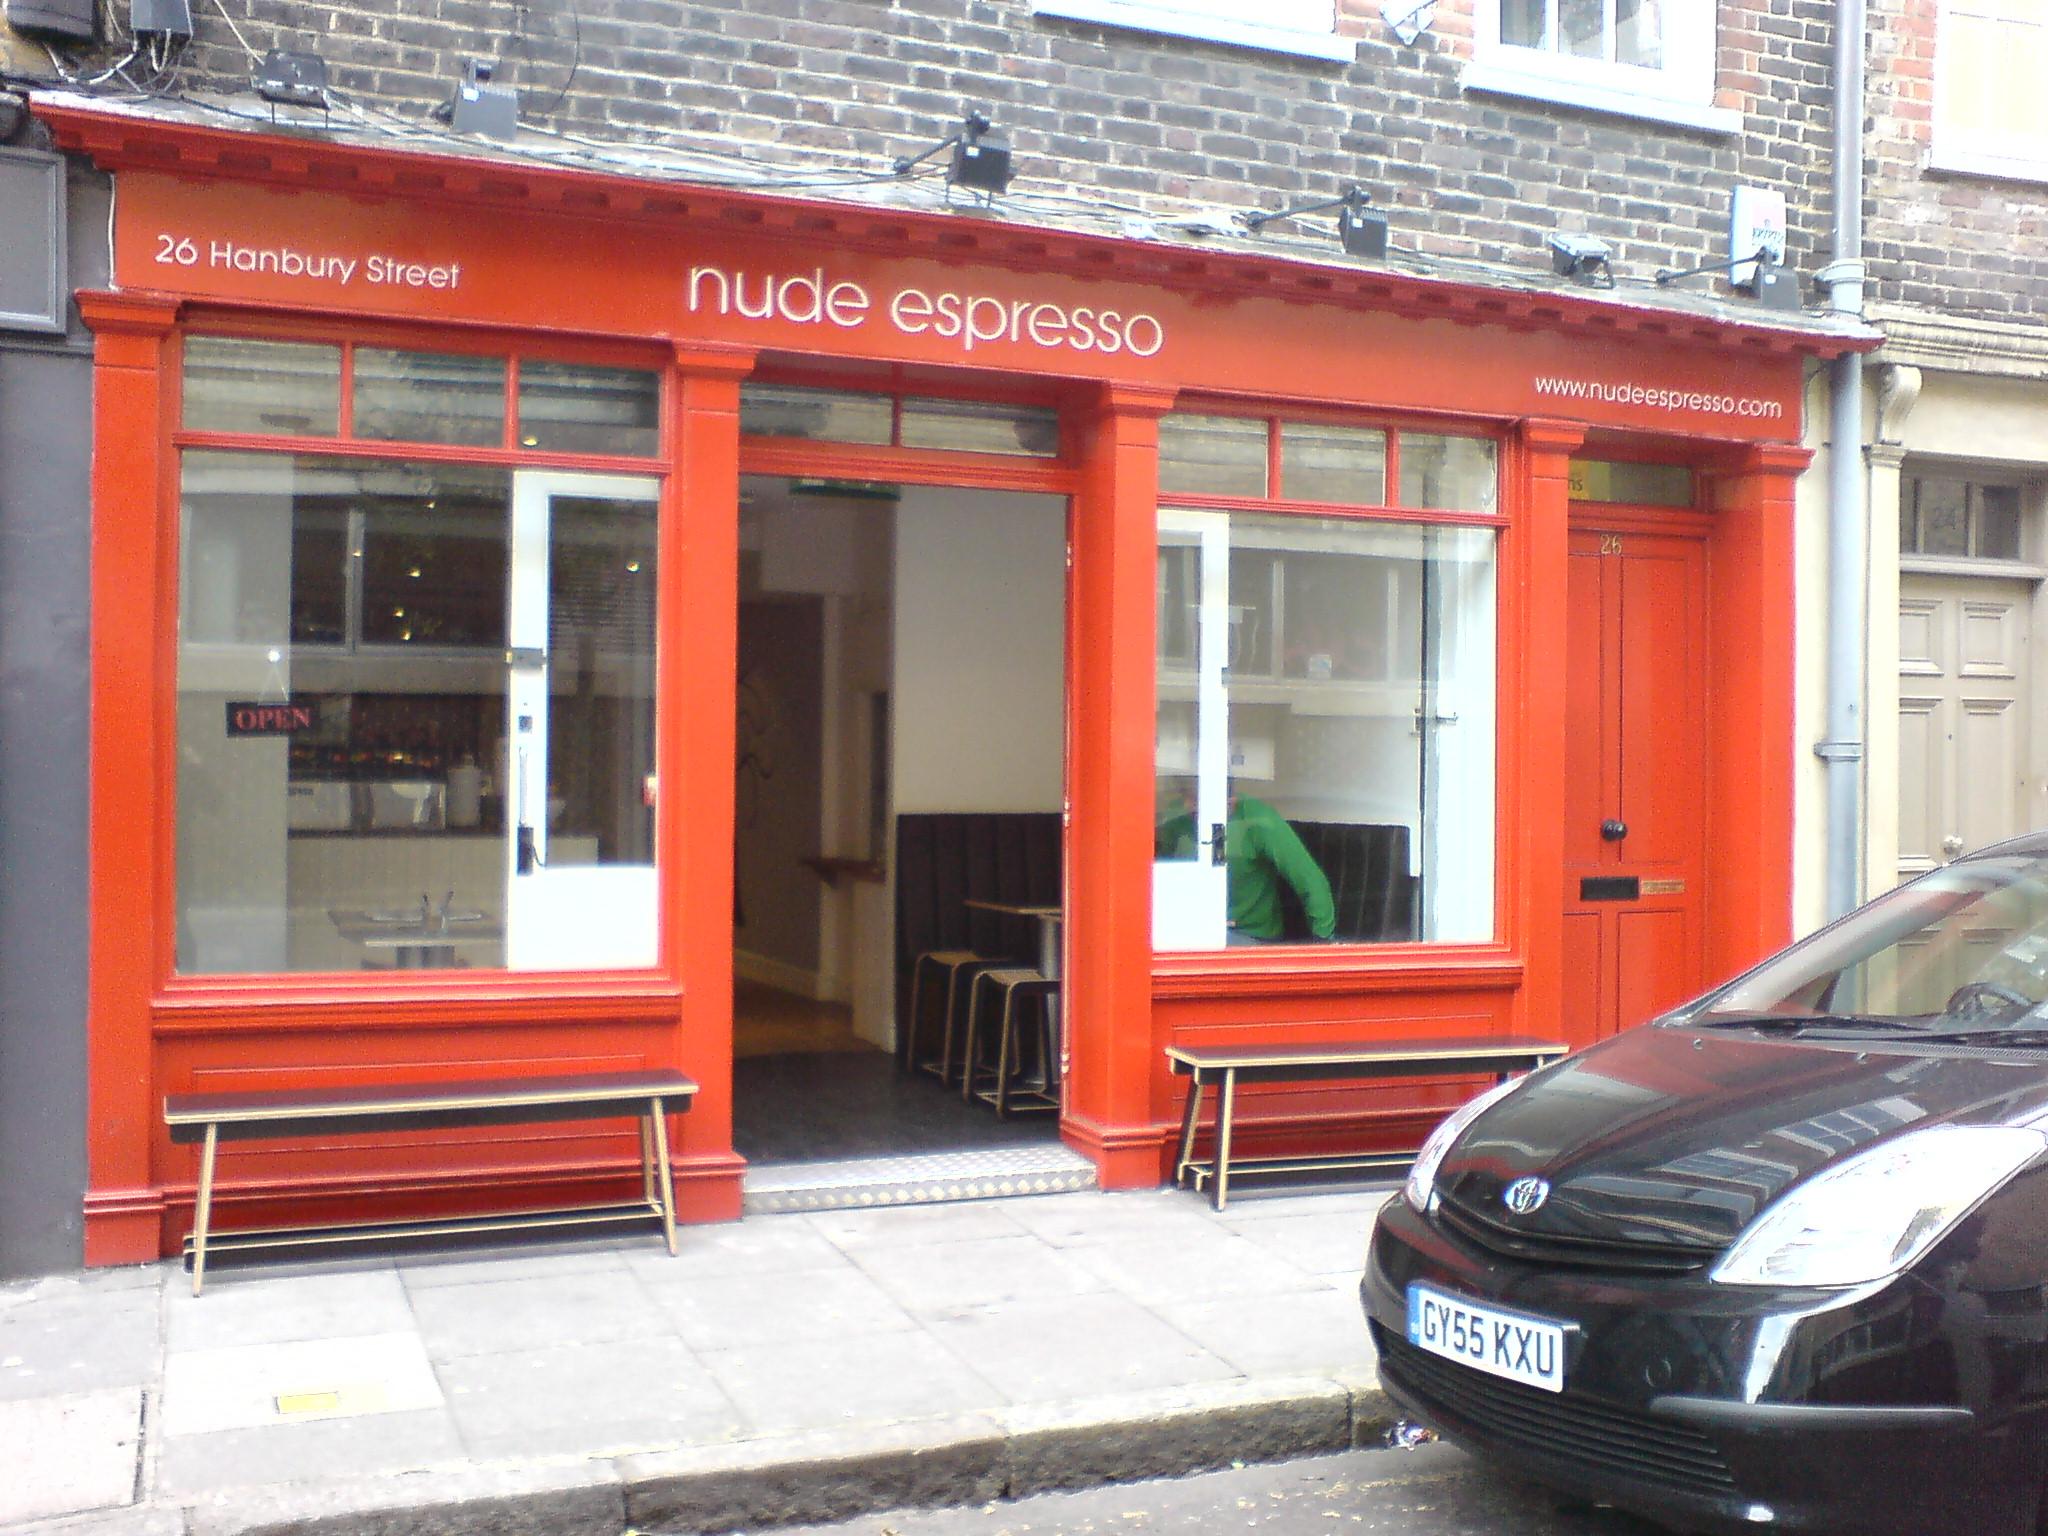 Nude Espresso London